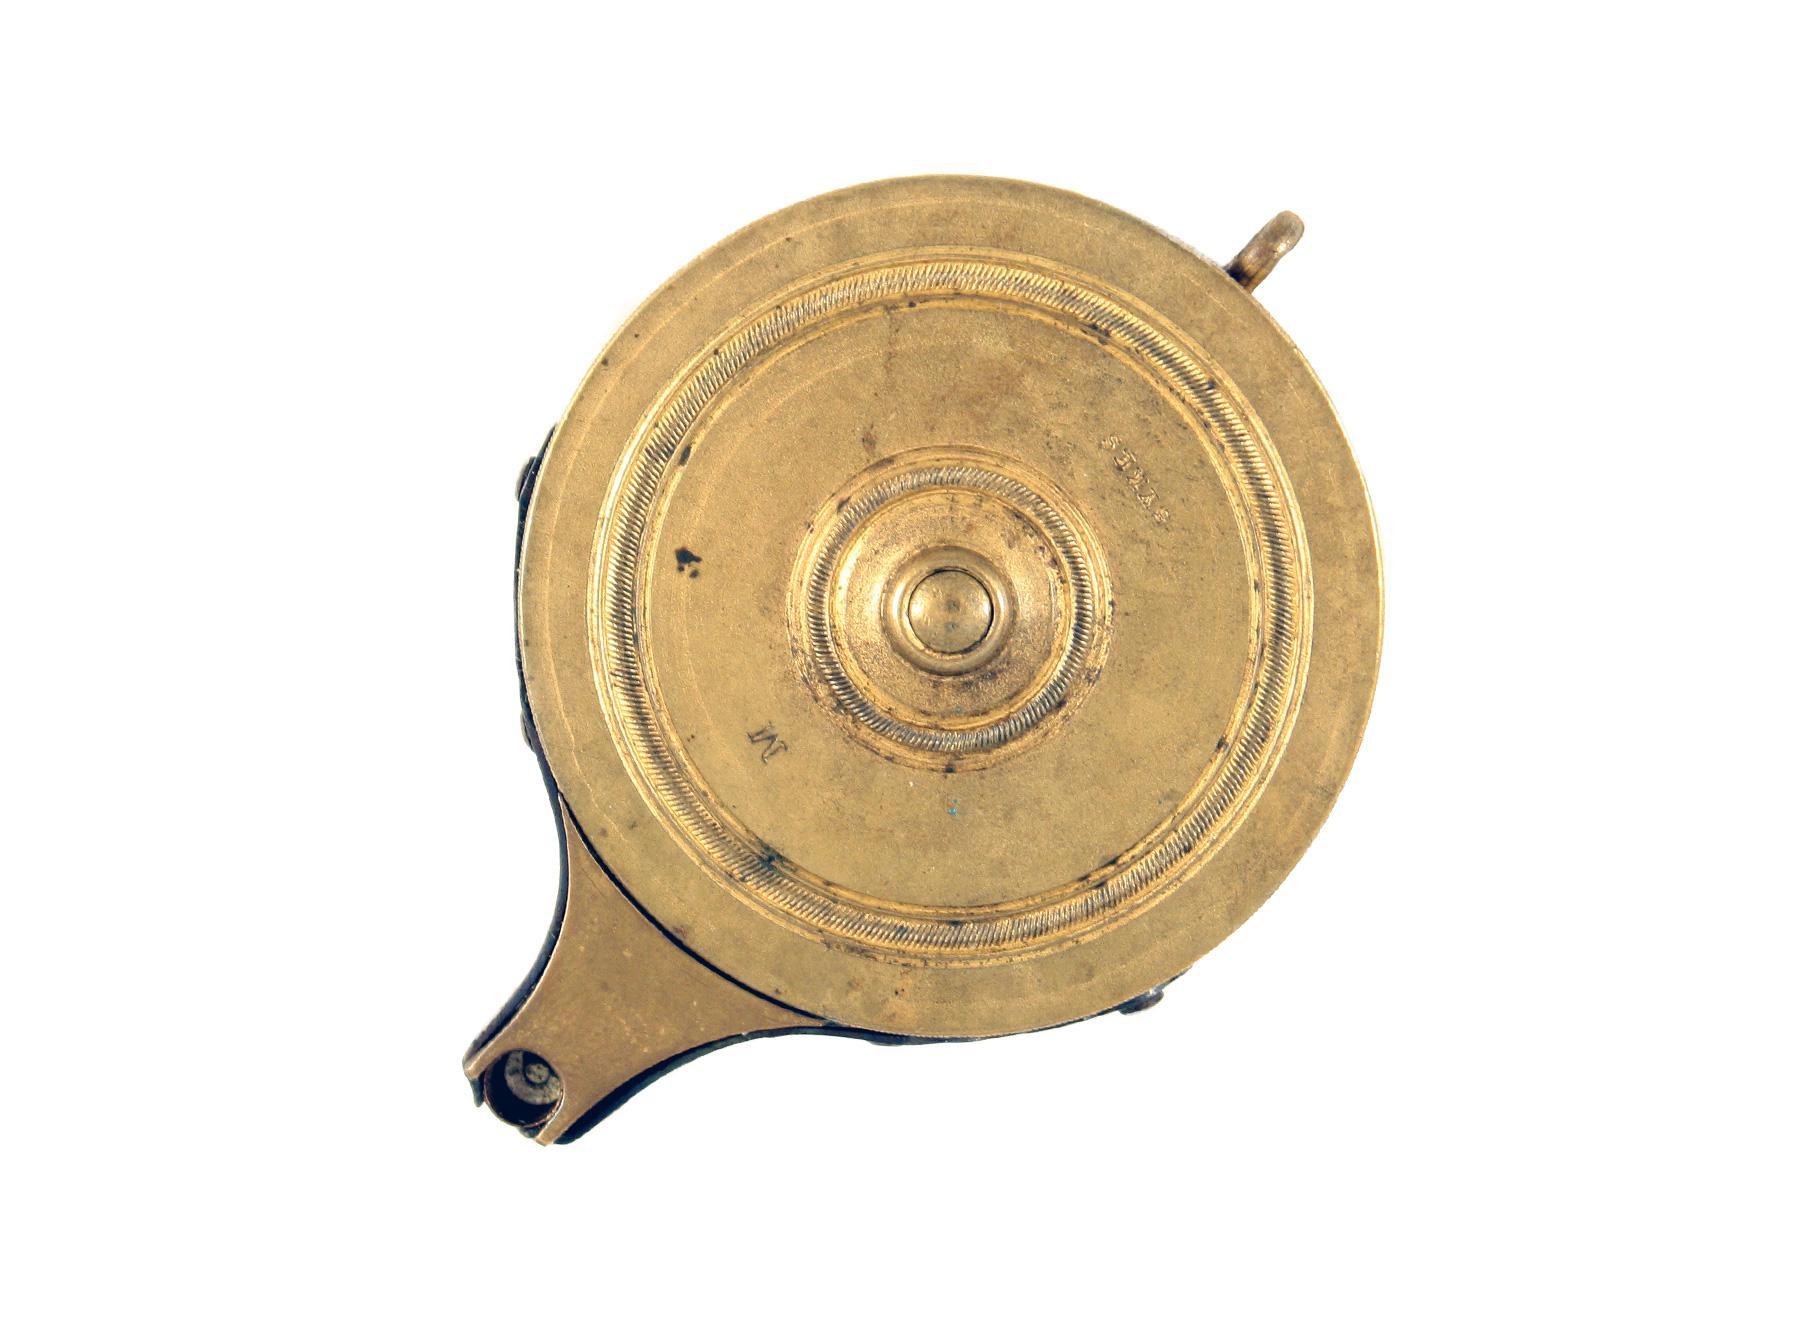 A Percussion Capper